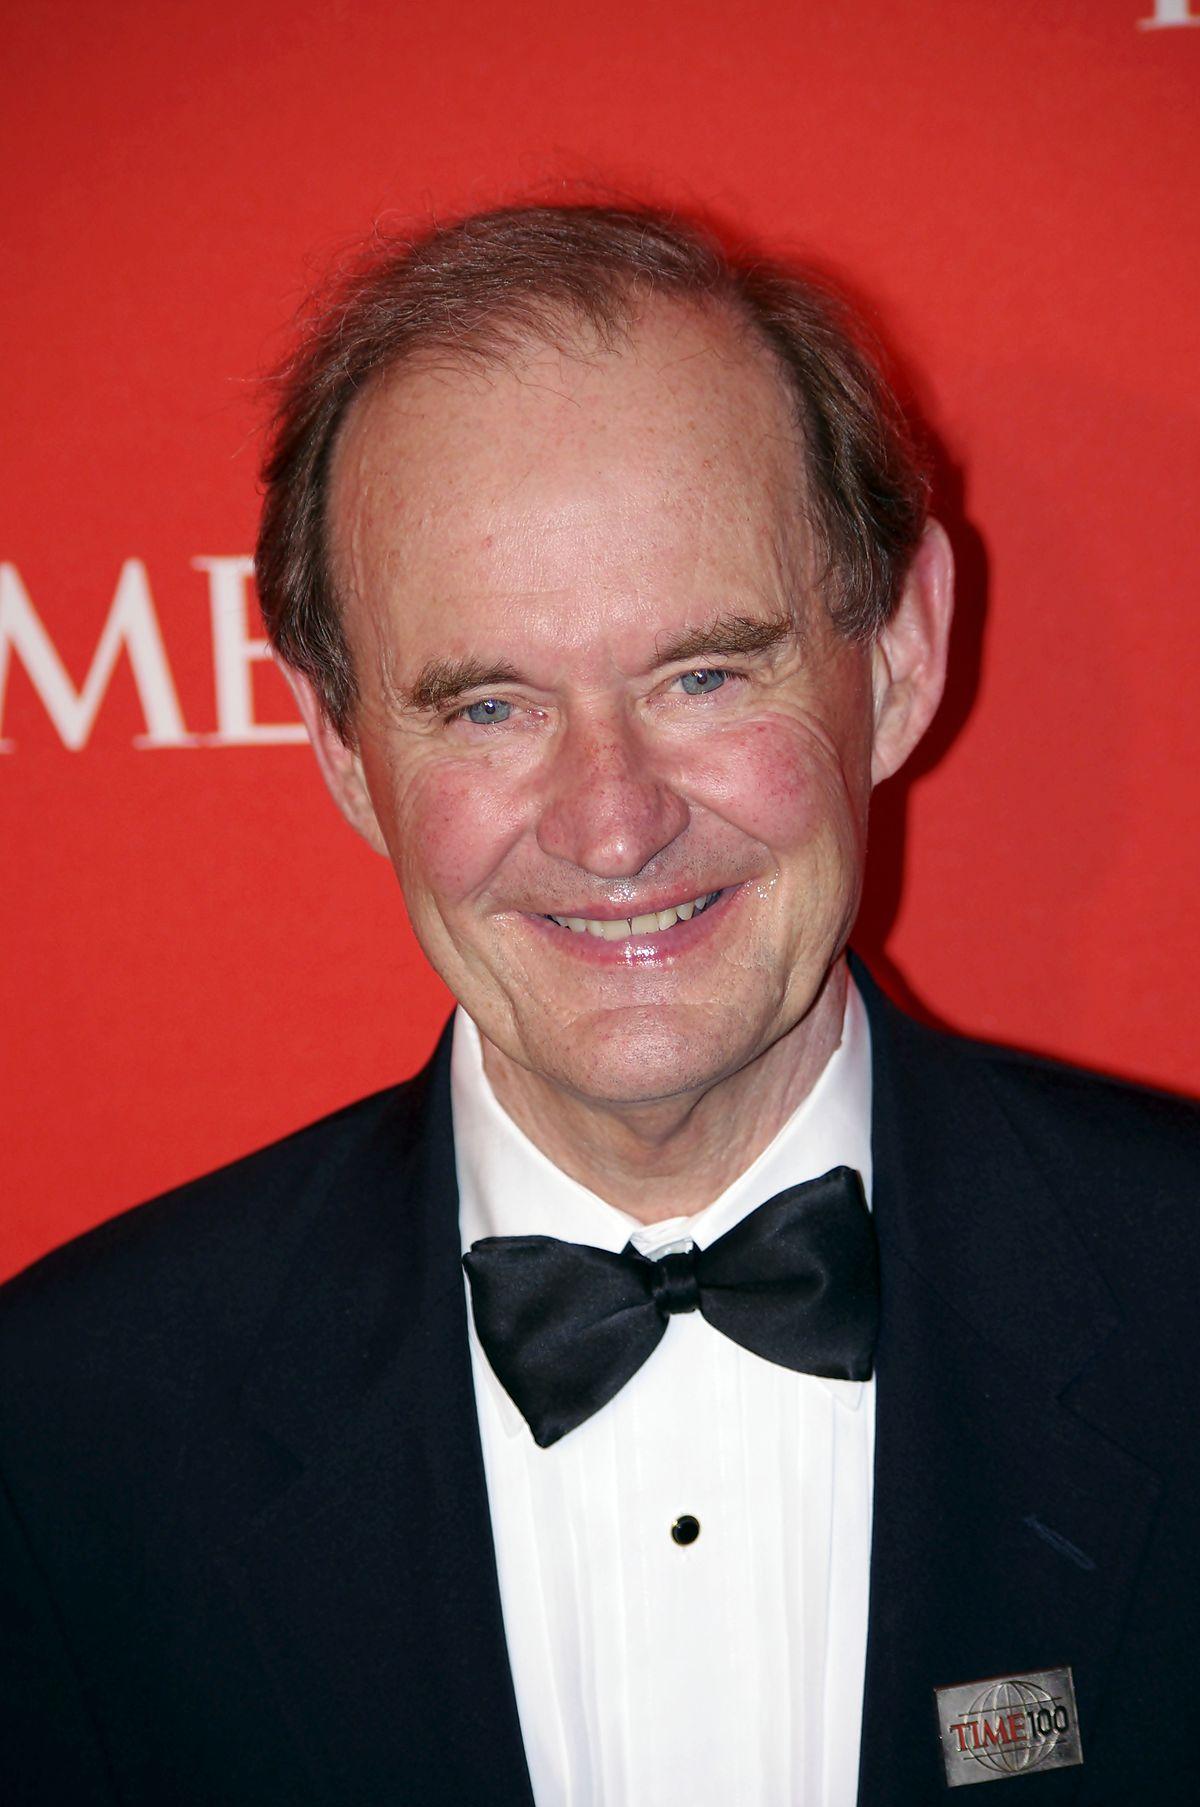 David Boies - Wikipedia